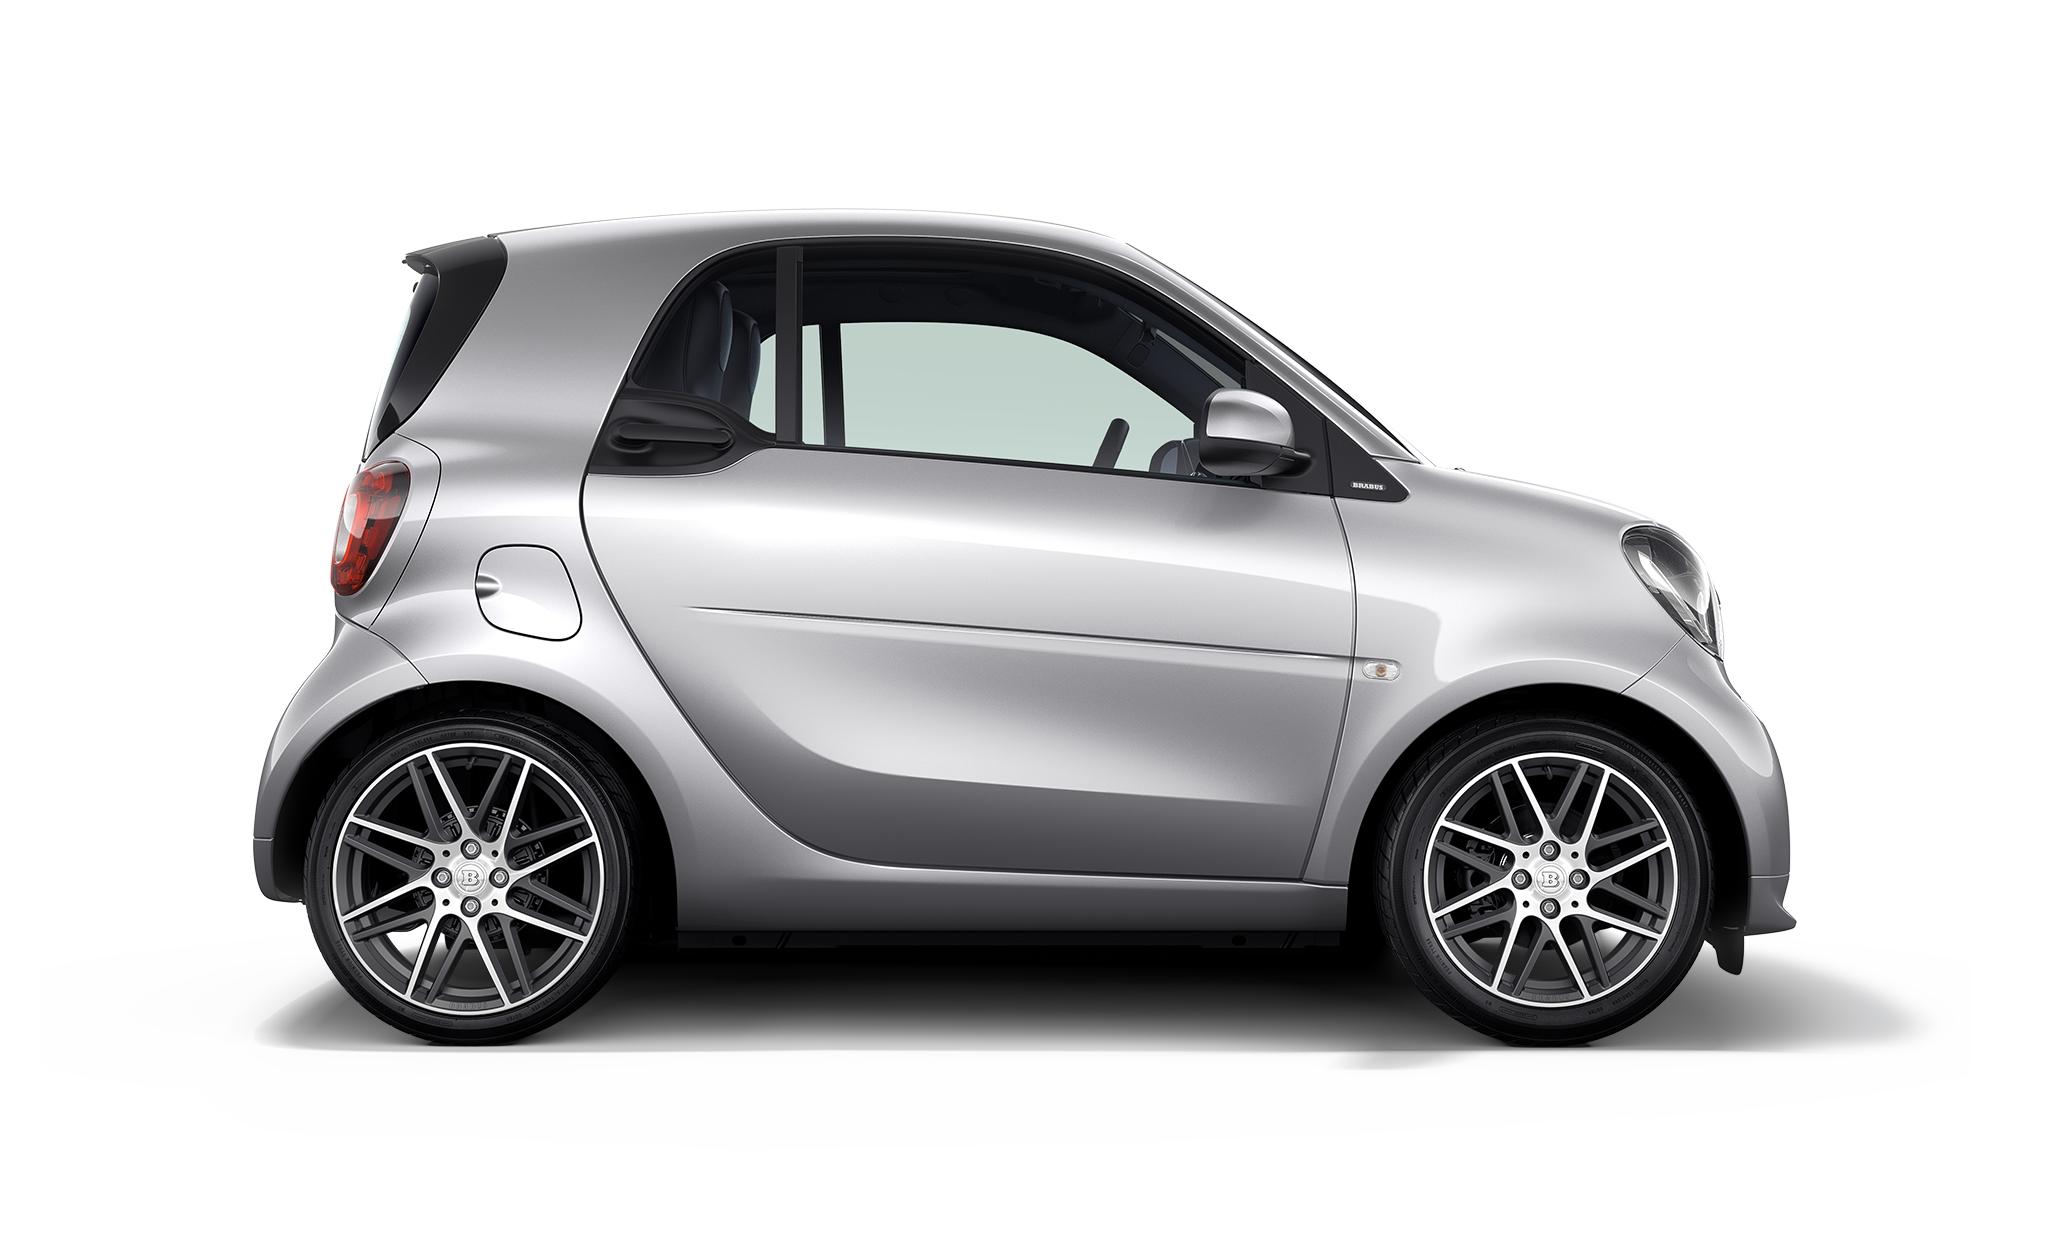 La dernière voiture parisienne de D'Ormesson : une Smart grise !